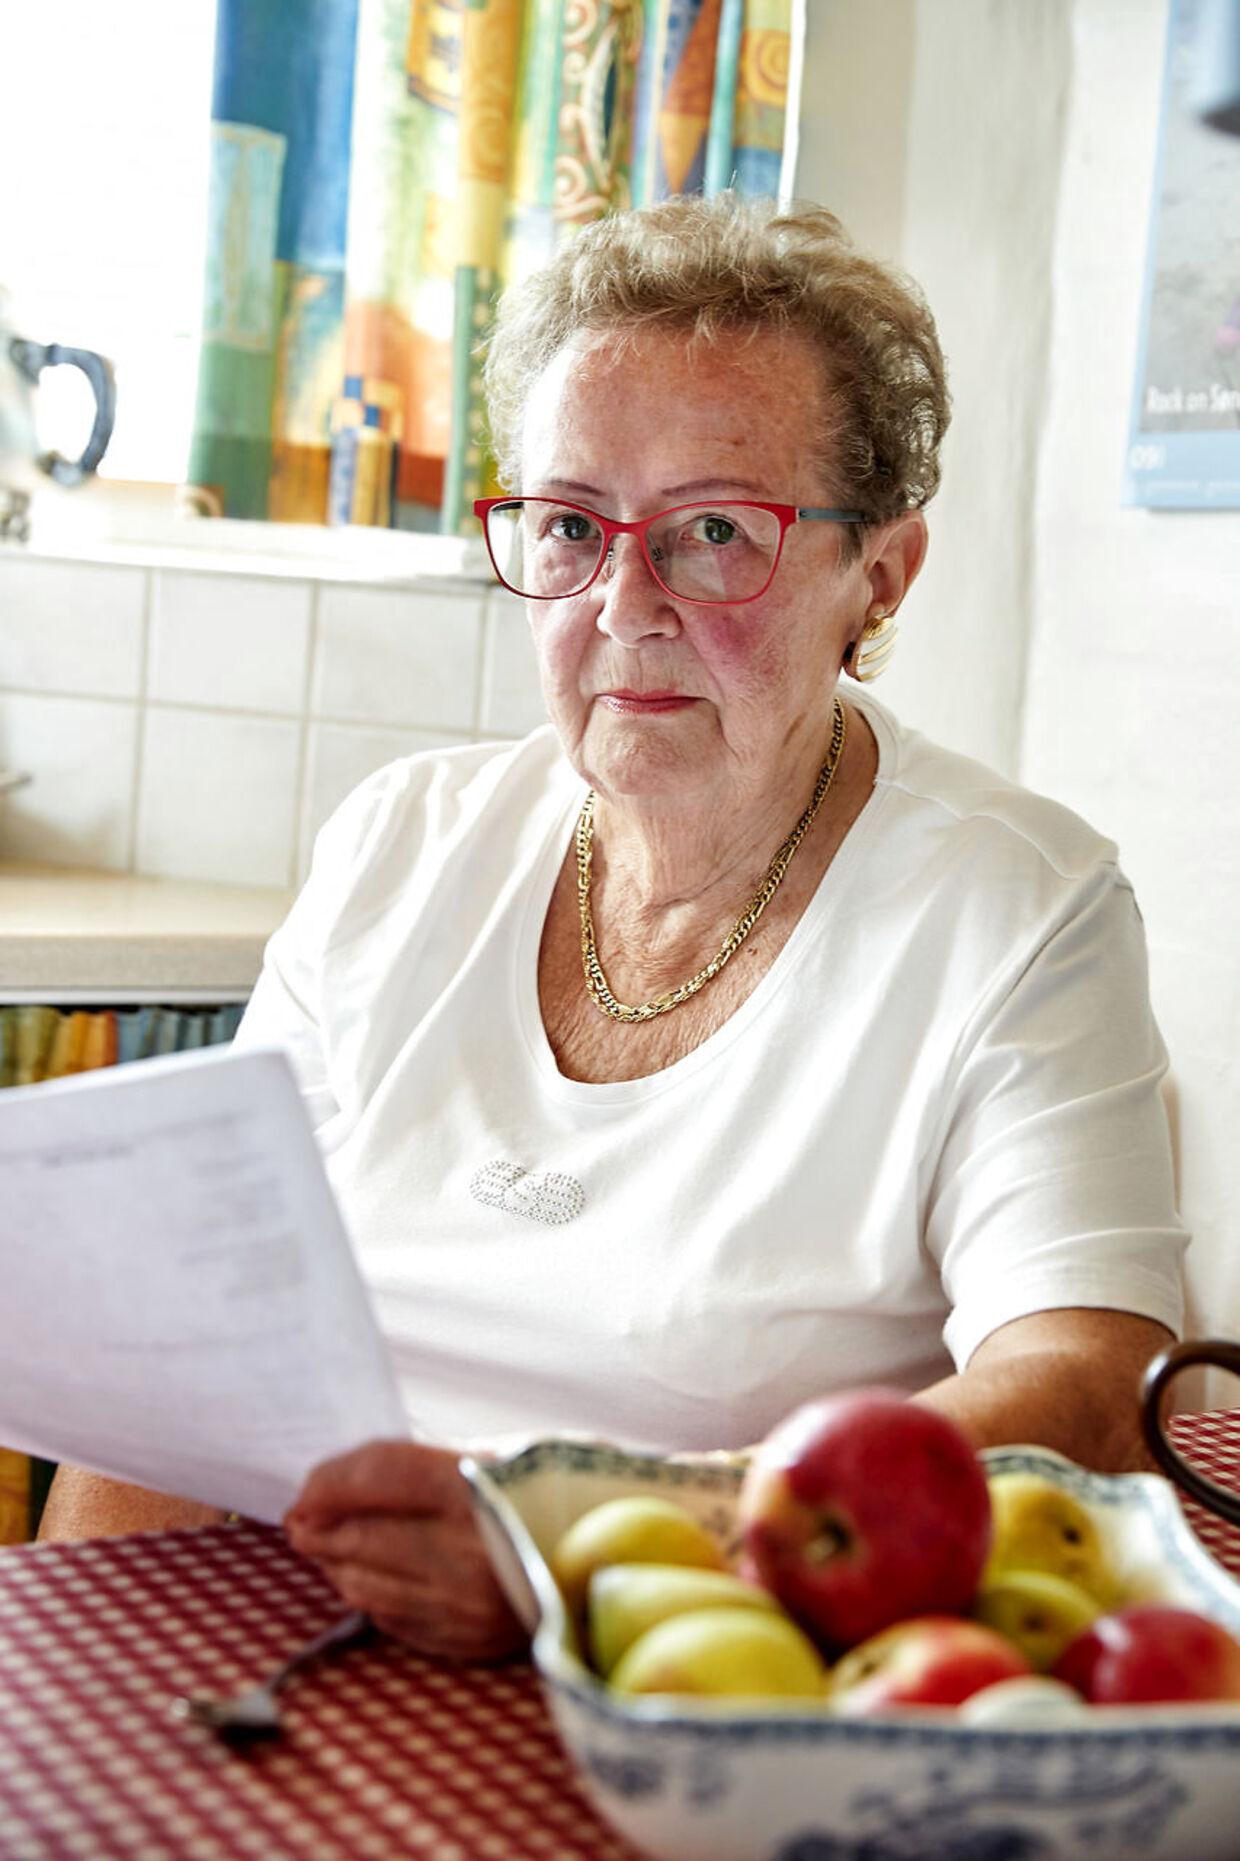 Inga og hendes mand Steen må ikke længere få indkøbshjælp af deres hjemmehjælper, som vidste præcis, hvilke varer fra den lokale Rema 1000, som ægteparret ønskede.